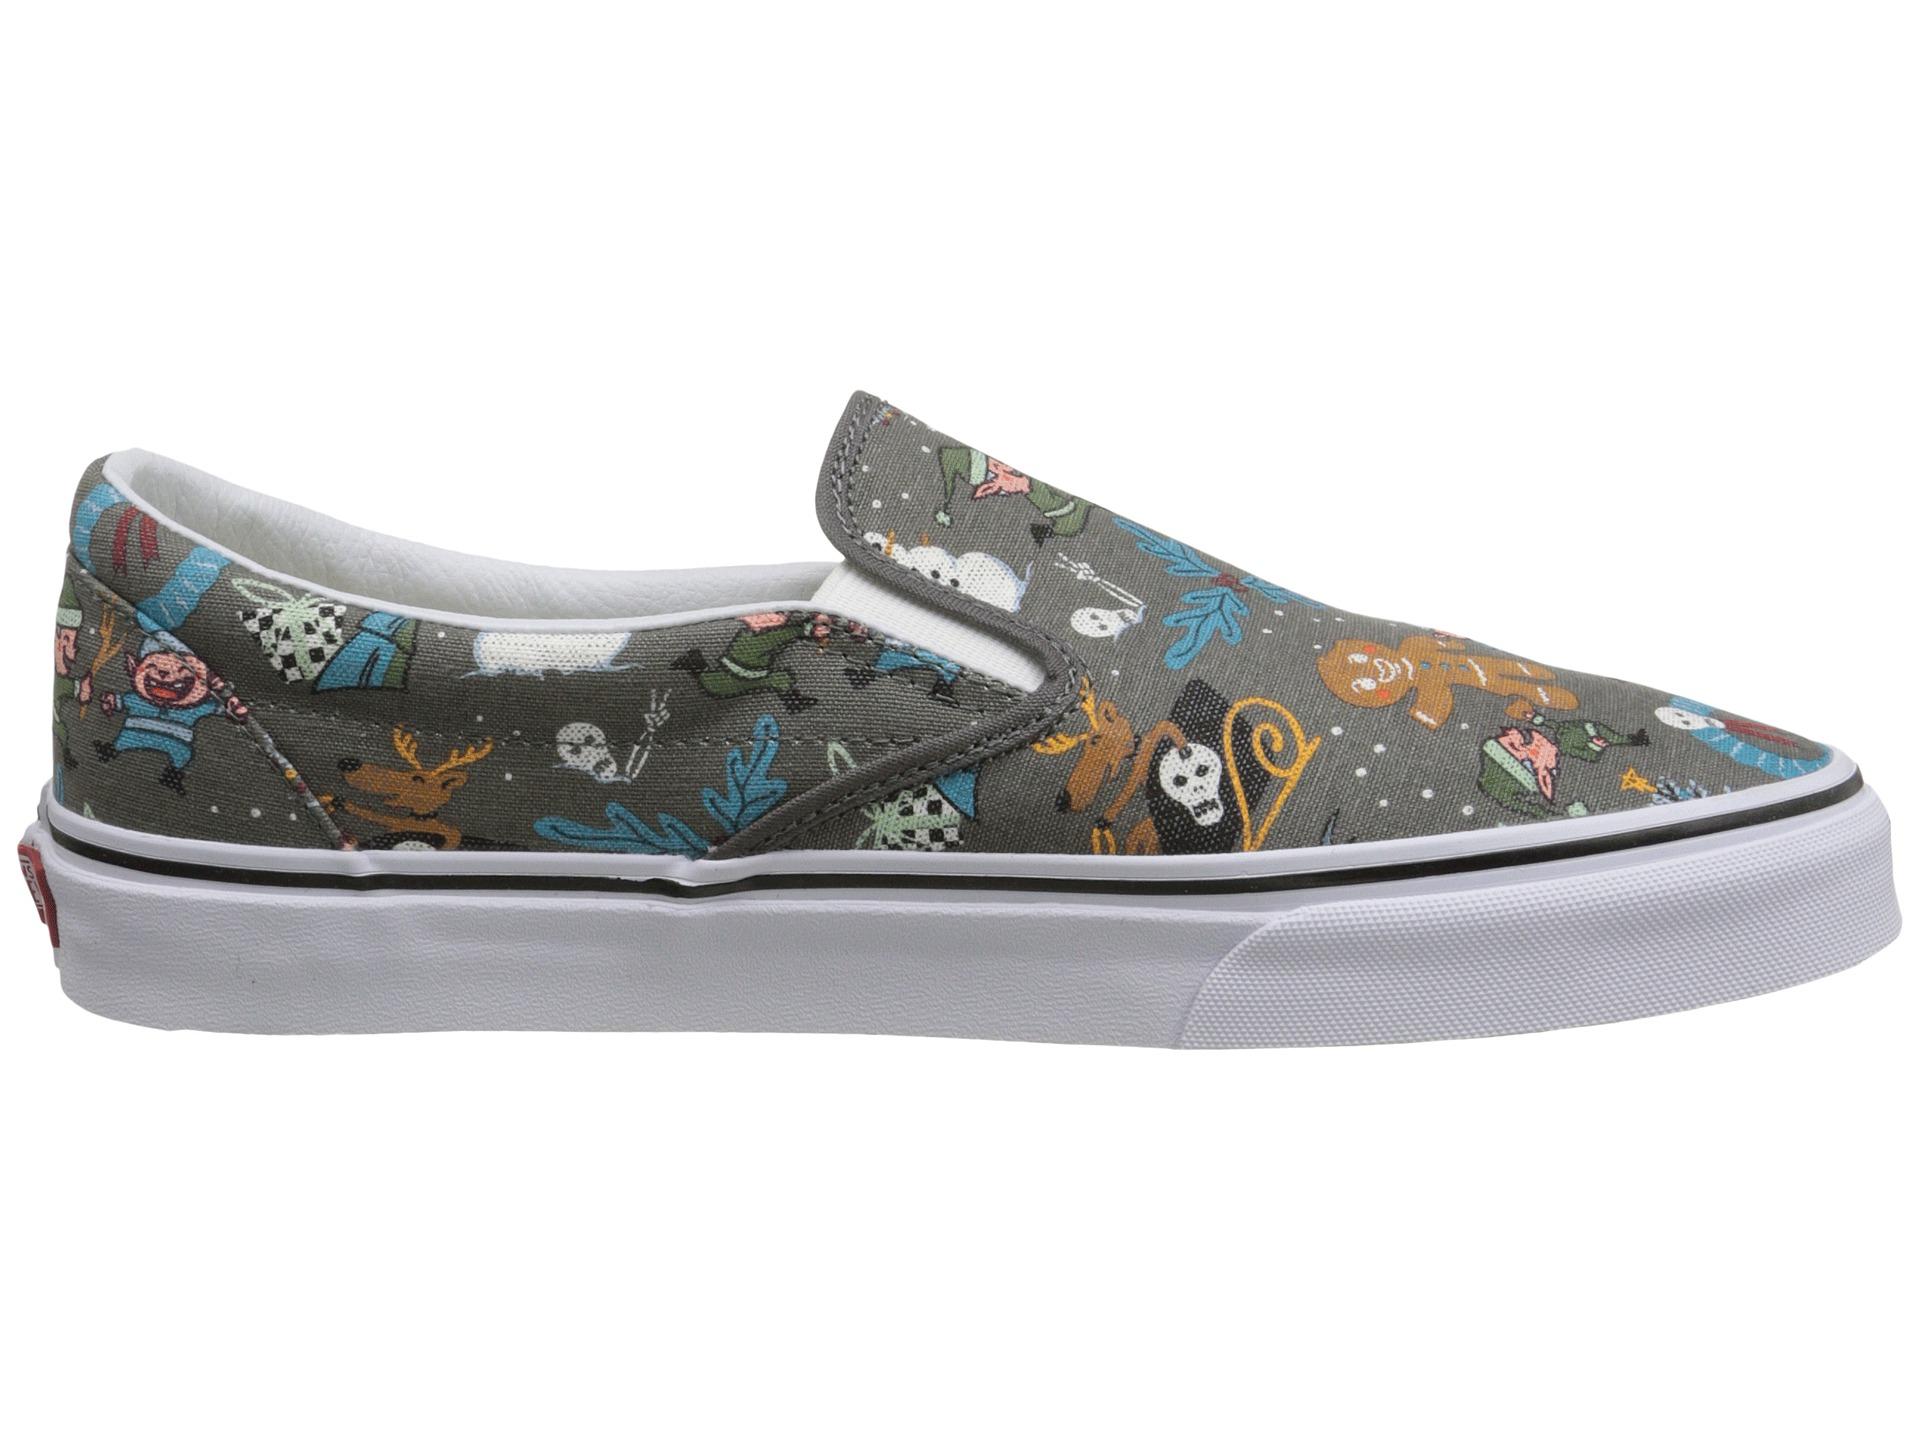 Lyst - Vans Classic Slip-on™ in Gray for Men deae654c4